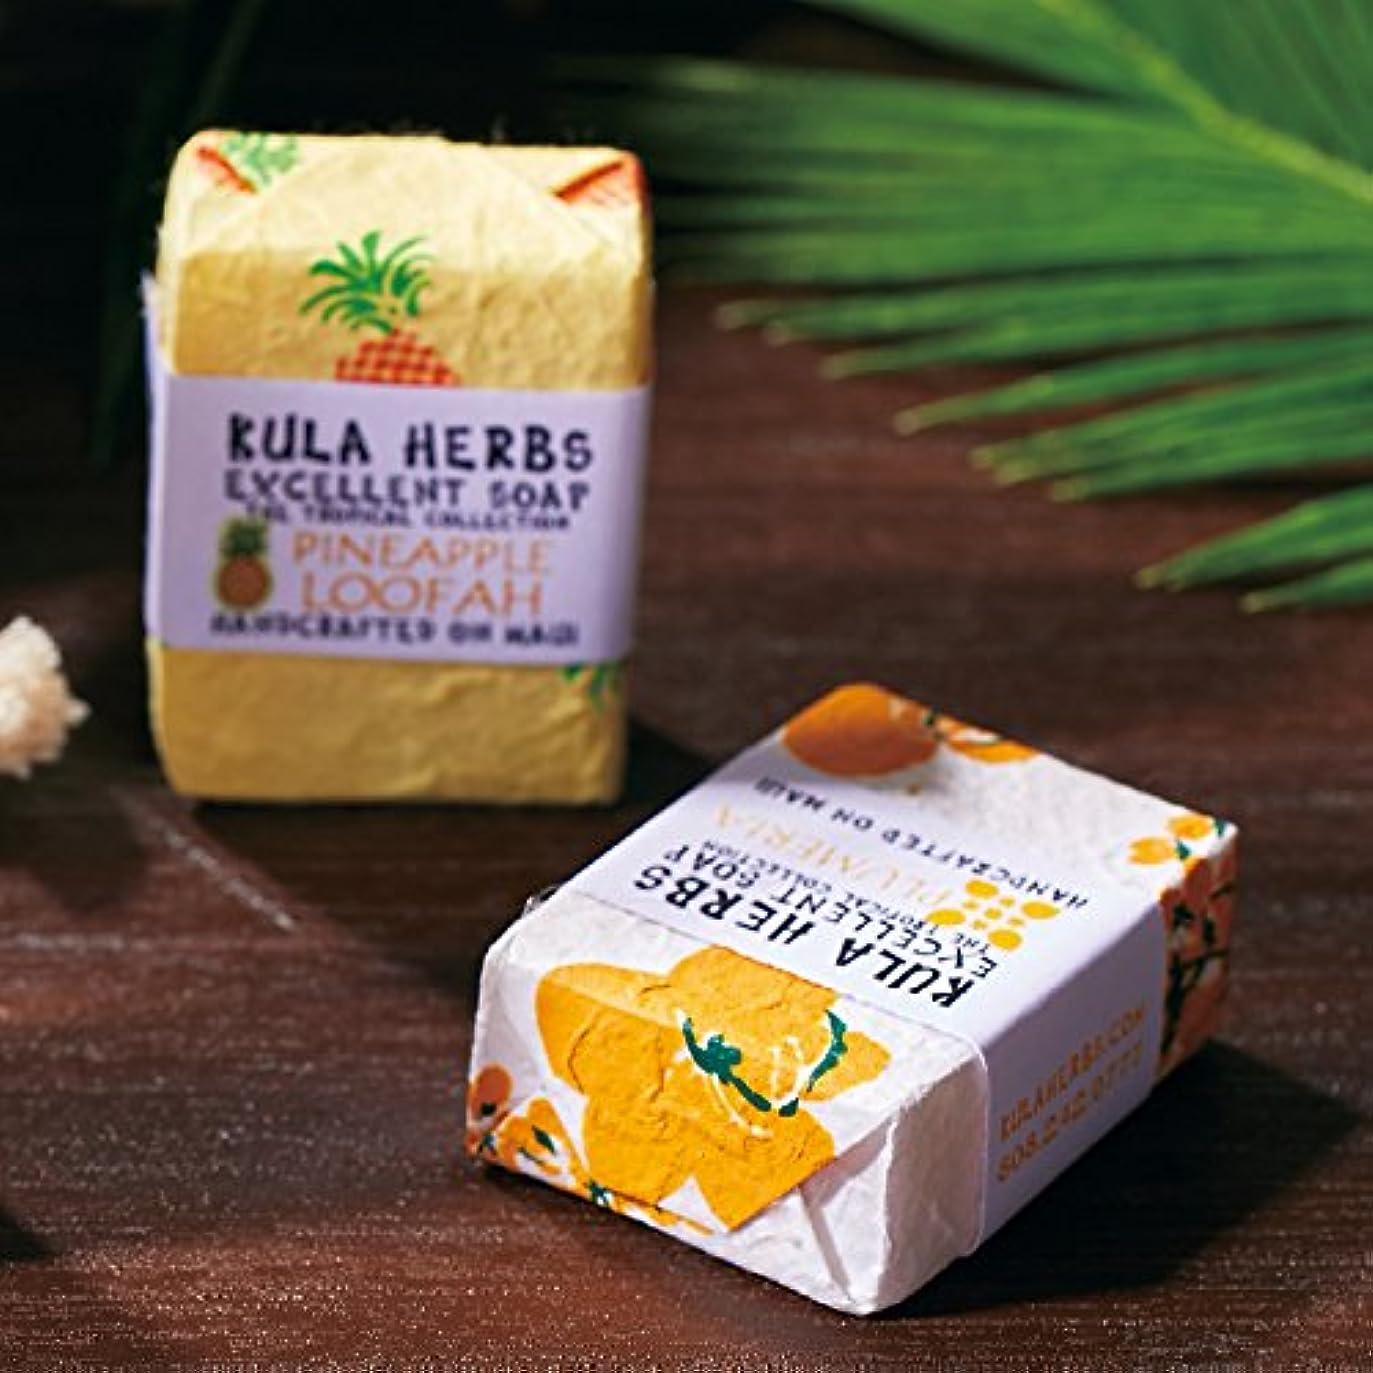 湿った消費バレーボールハワイ 土産 クラハーブス ソープ 2種4コセット(ミニミニポーチ付) (海外旅行 ハワイ お土産)